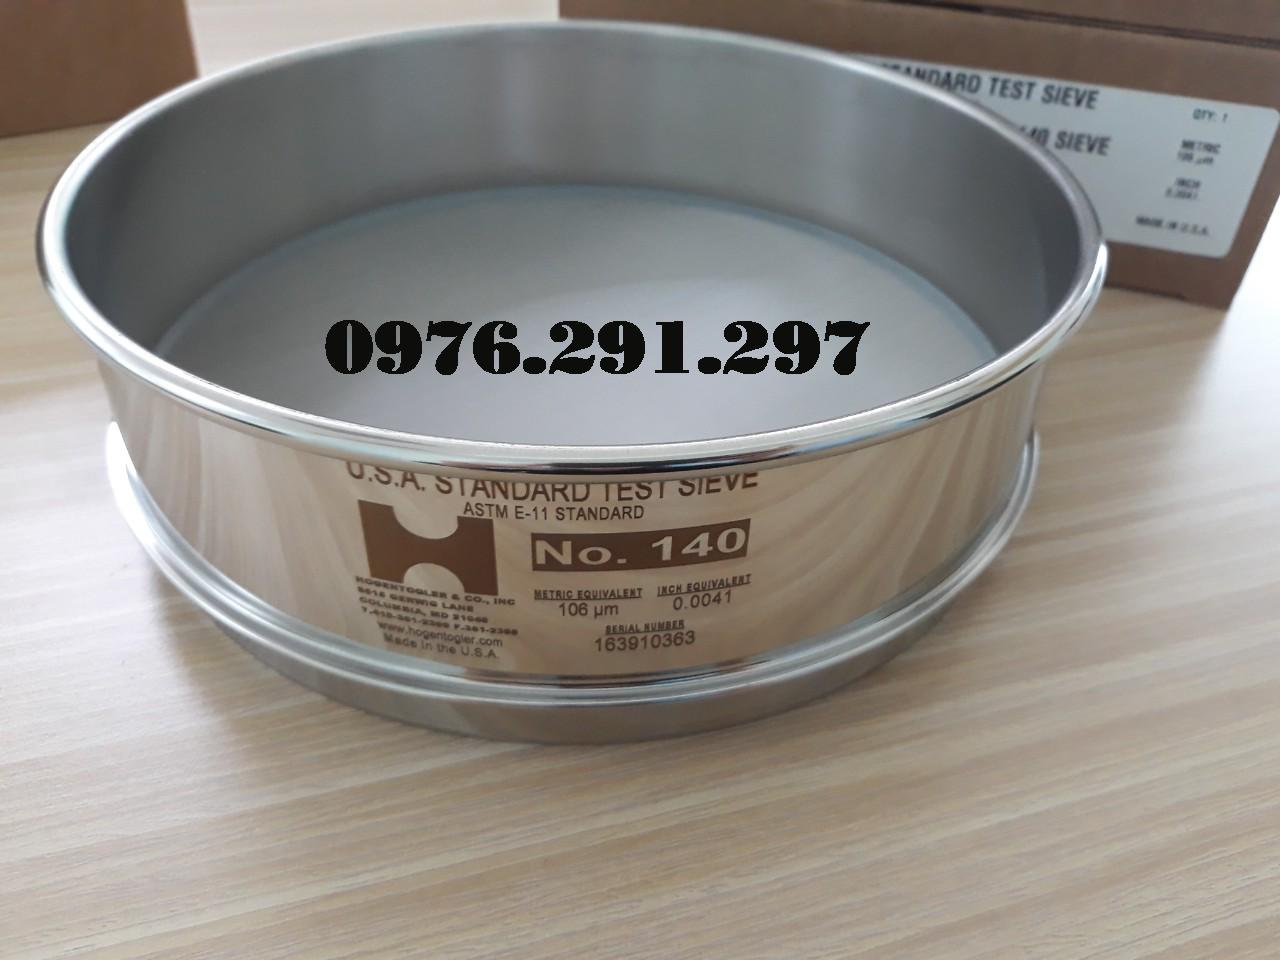 Sàng rây độ mịn của bột lỗ 0.106mm Hogentogler Mỹ